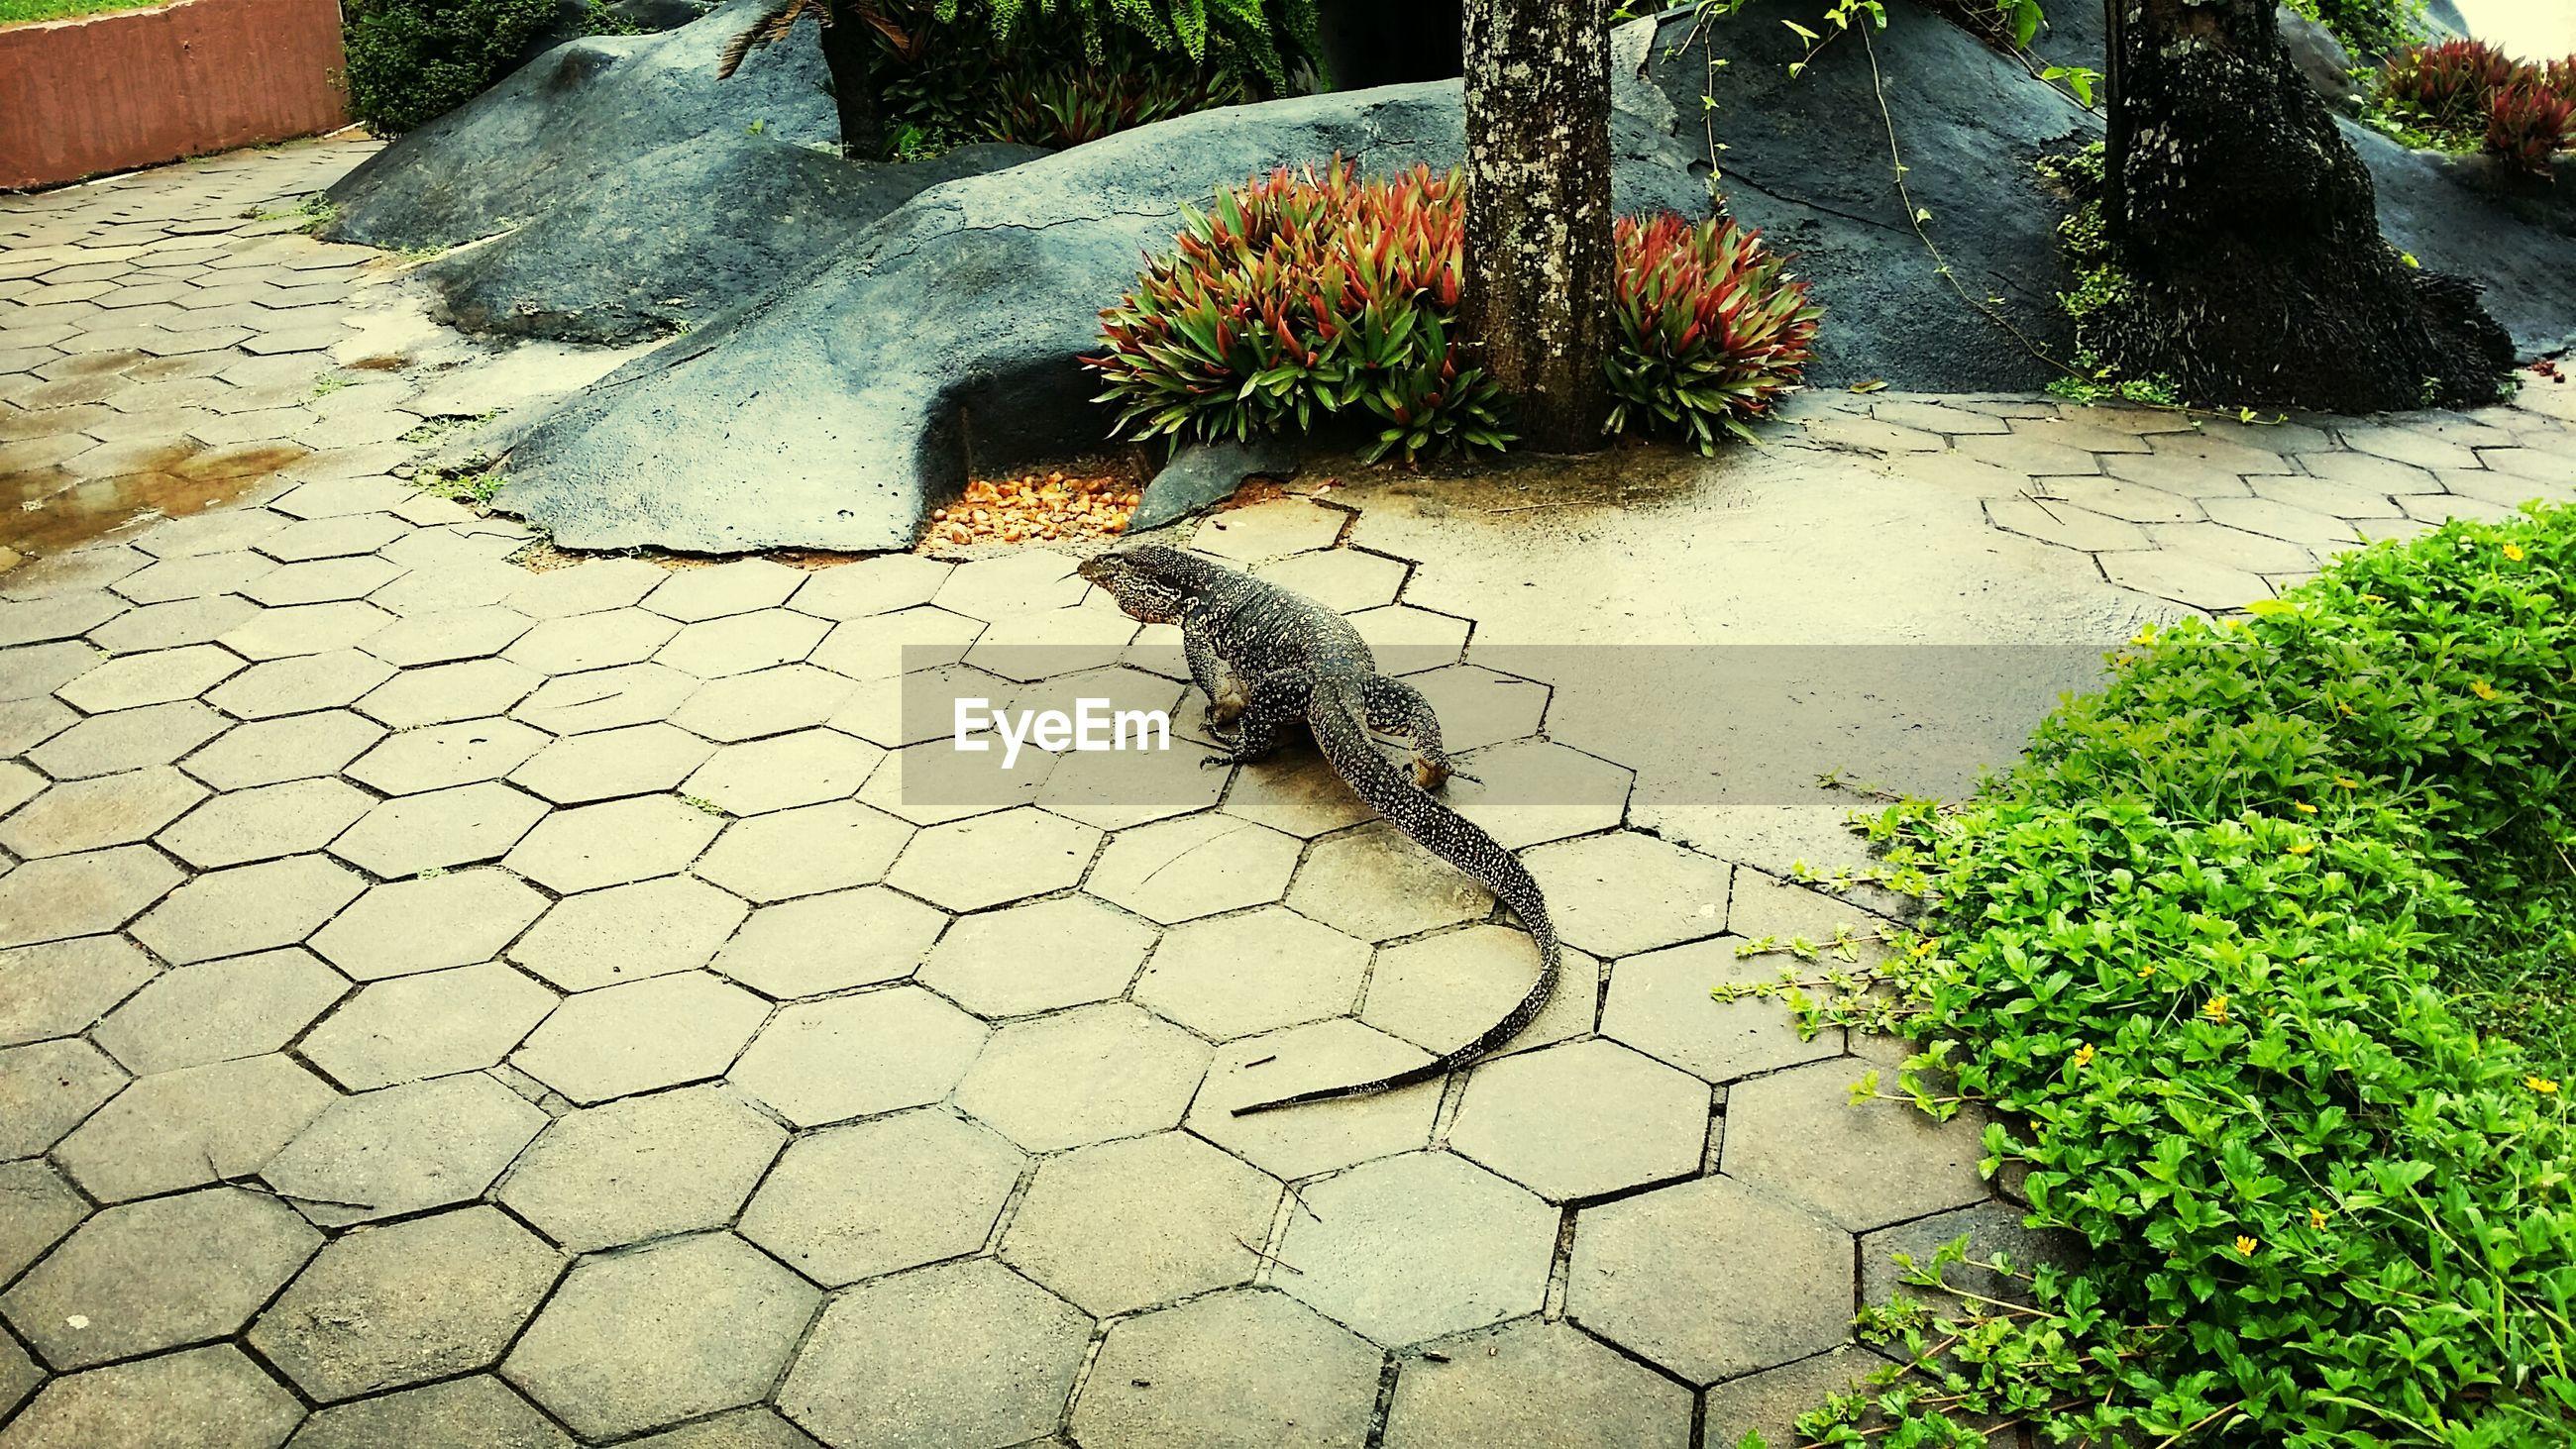 Iguana on pavement